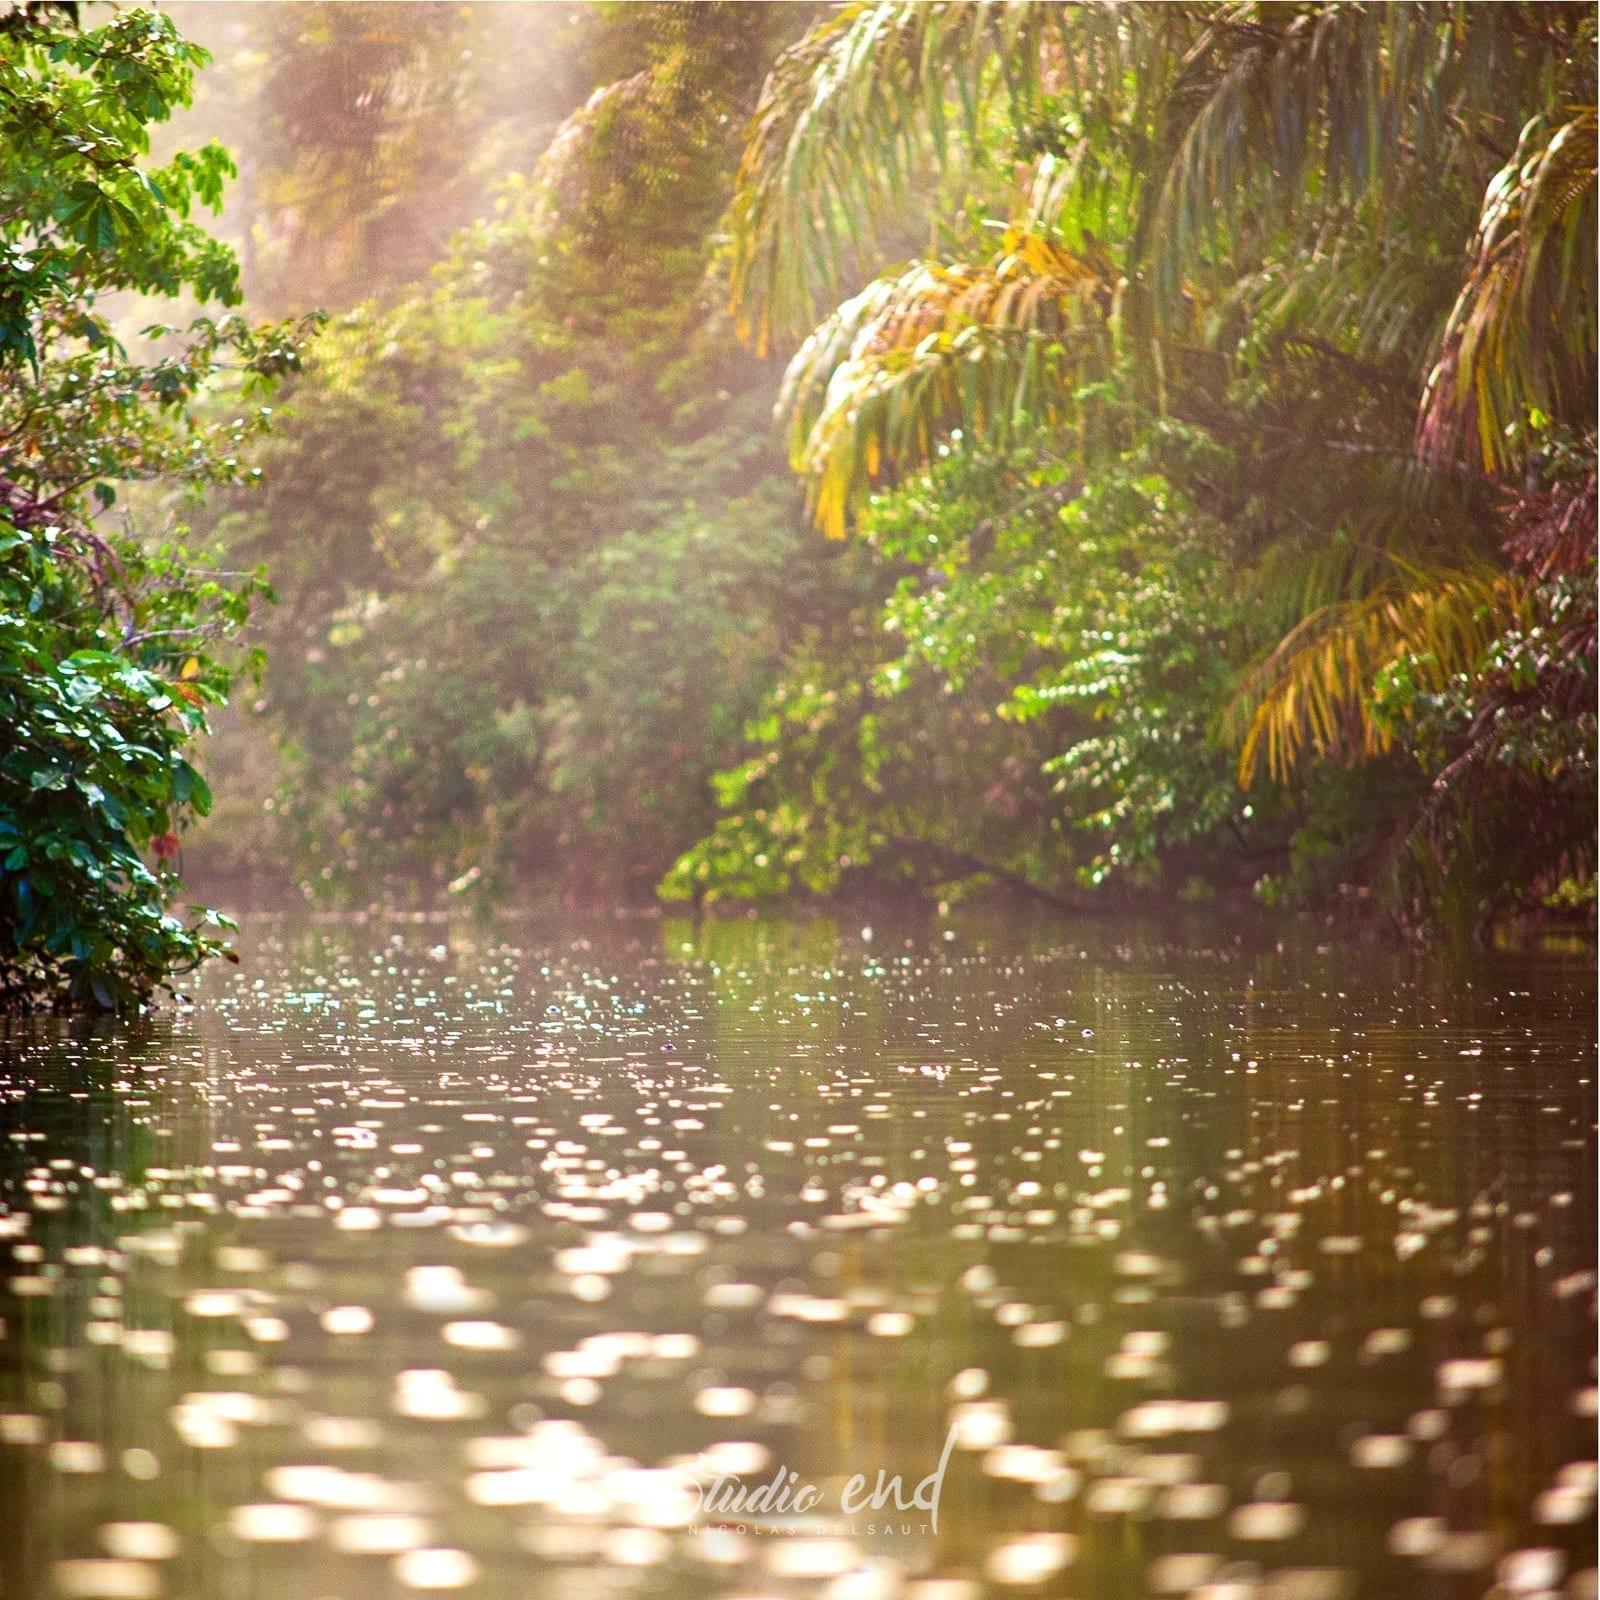 Photographies artistiques de voyage, la Jungle du Costa Rica